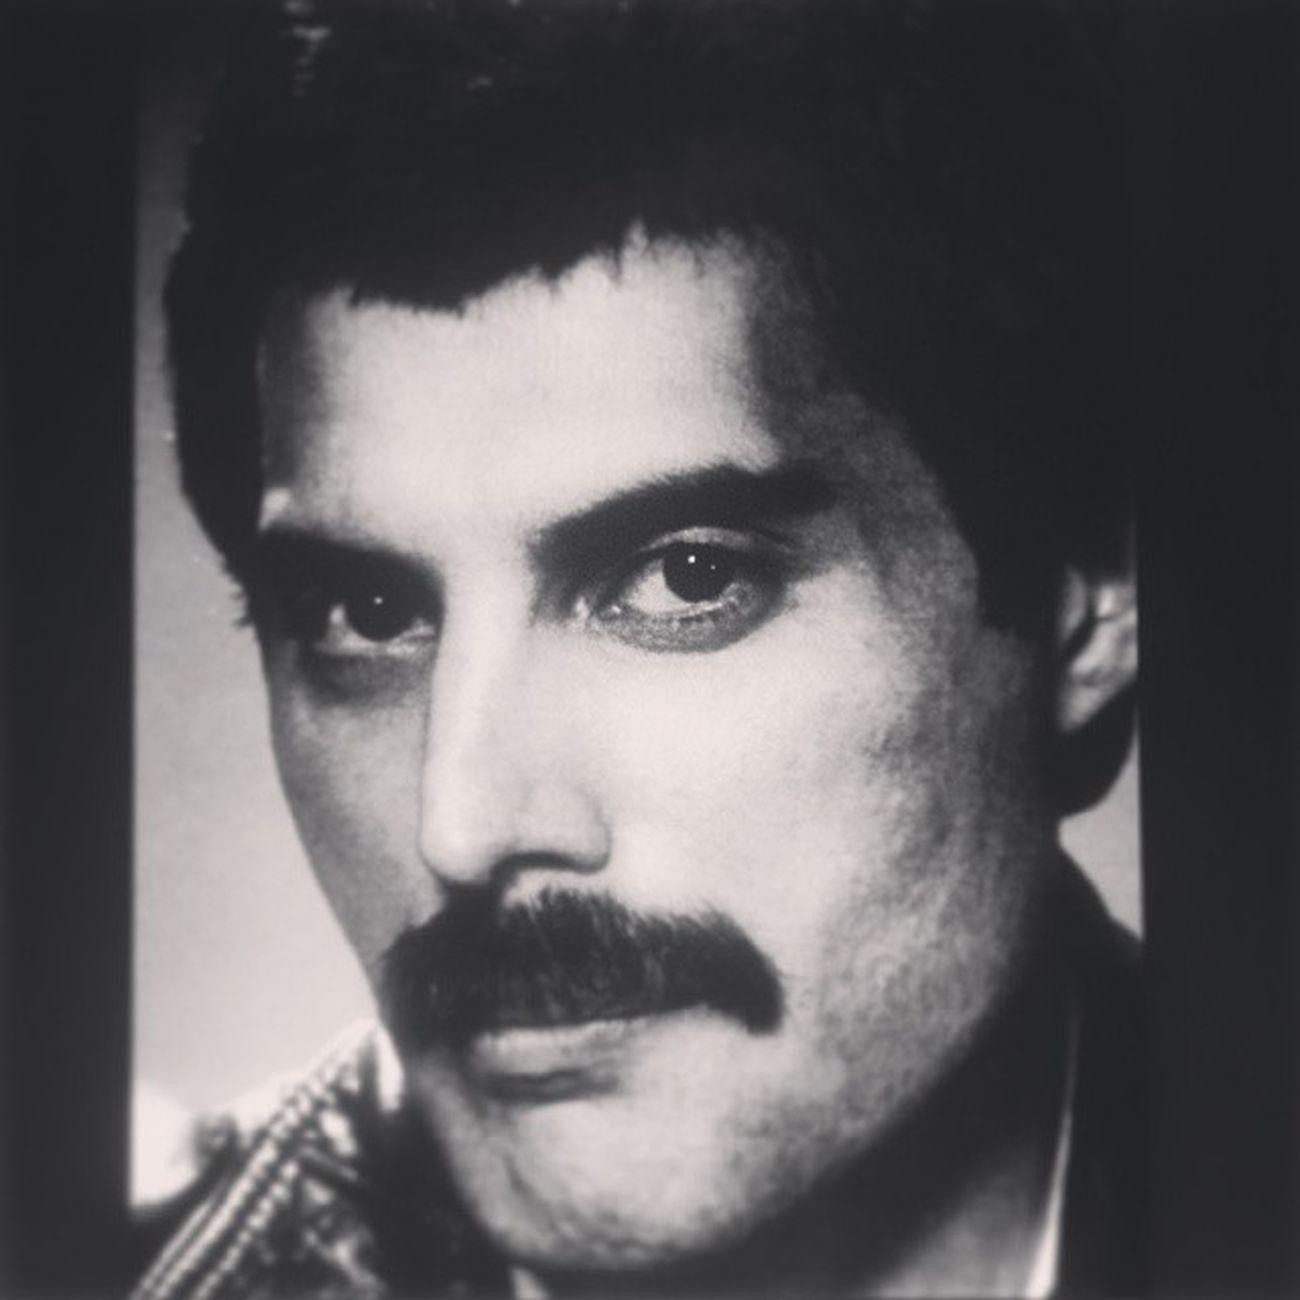 Freddie Mercury Too Much goodmythalack